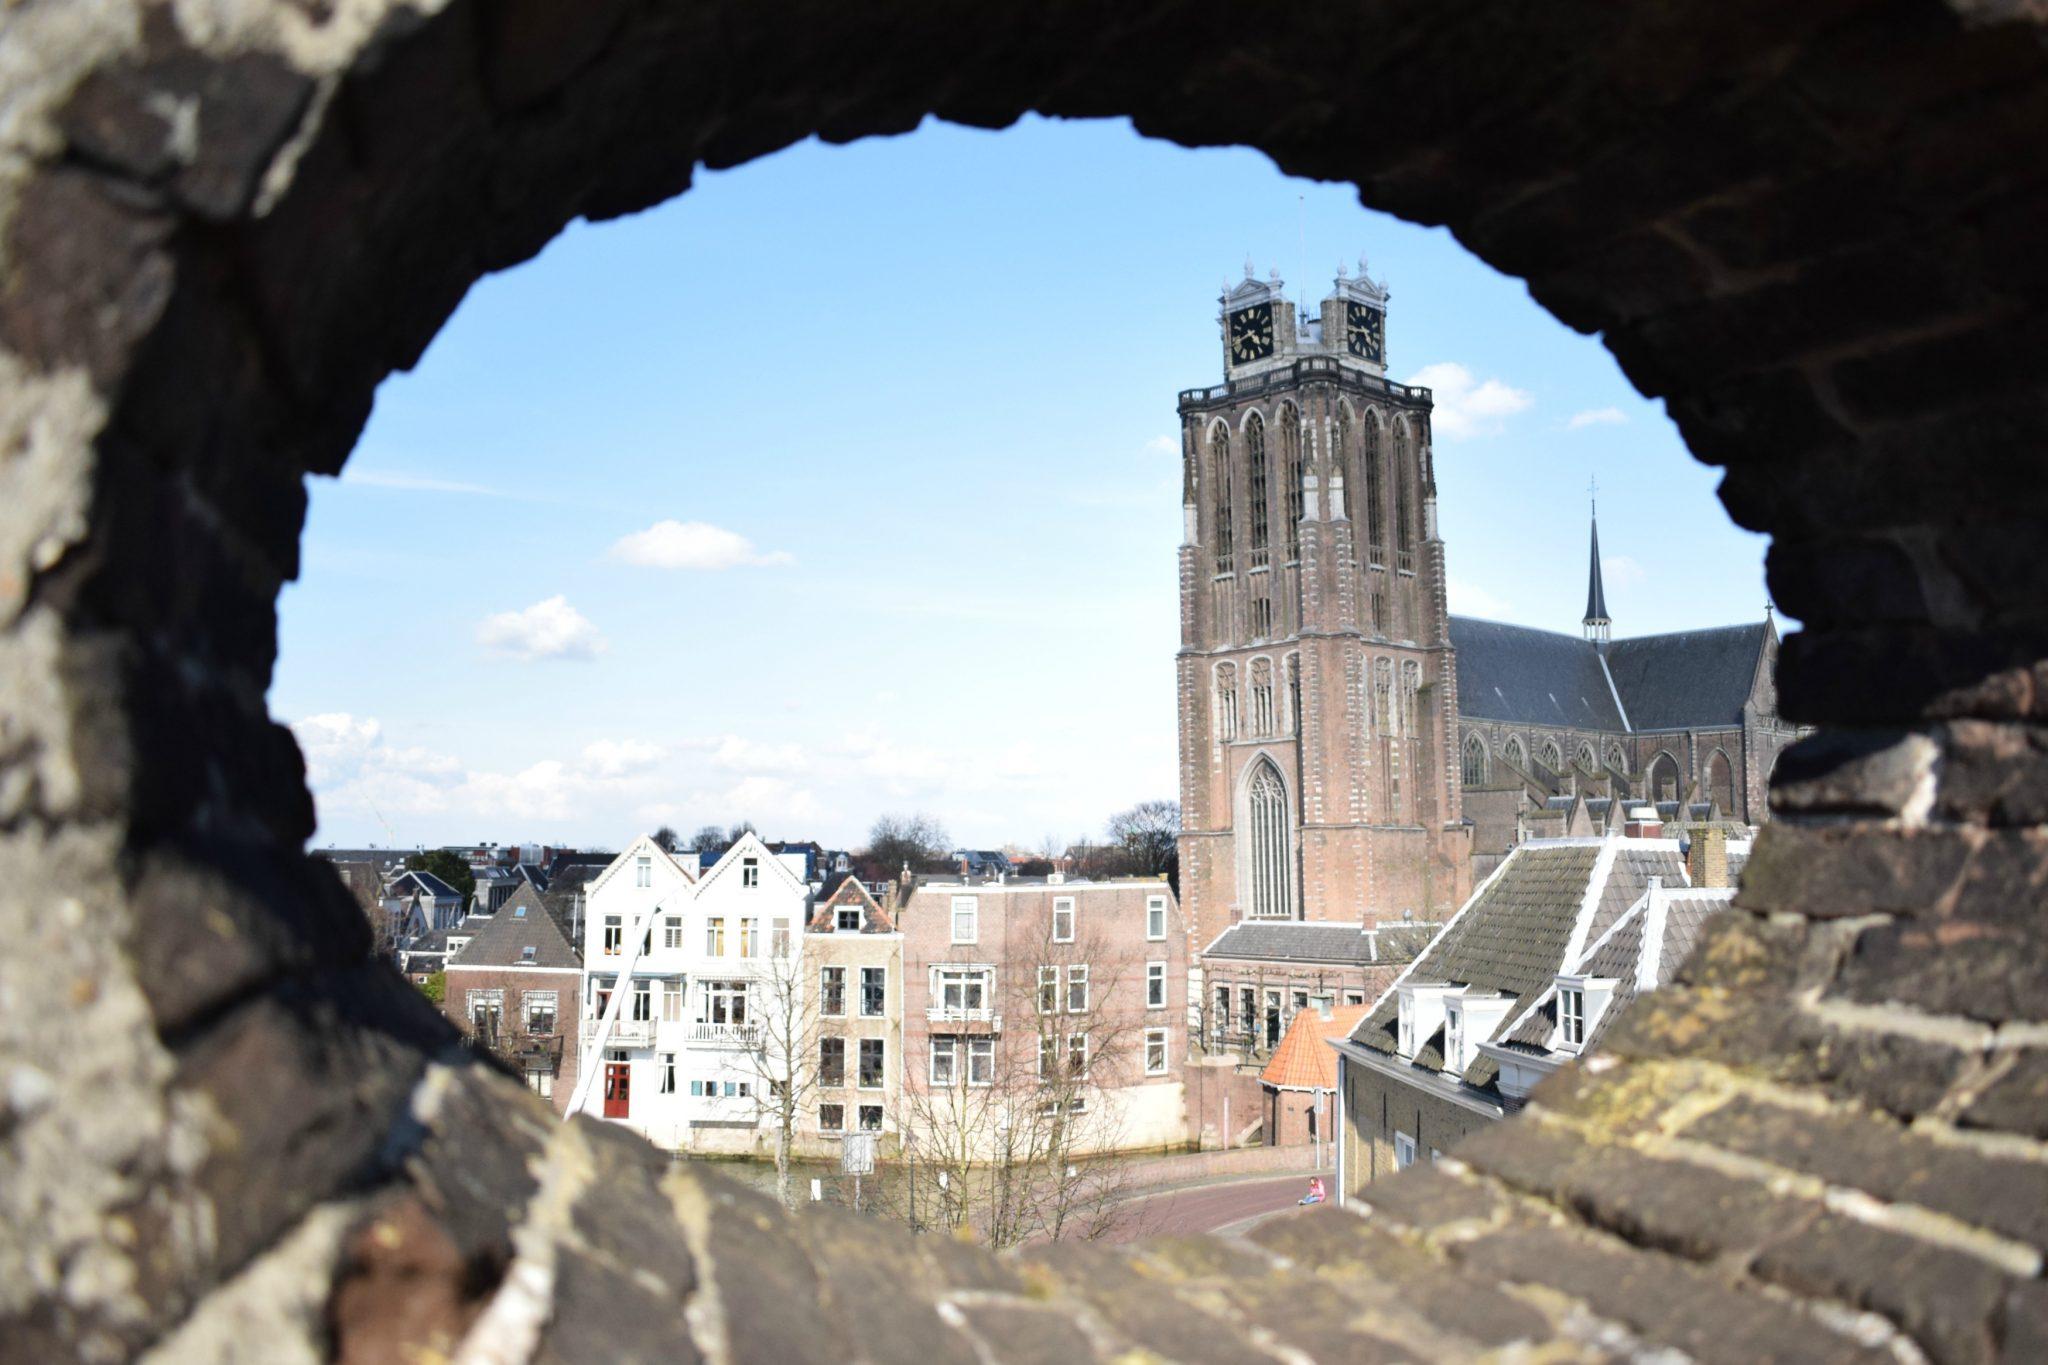 Woning van de week - Grote Kerk Dordrecht - indebuurt.nl